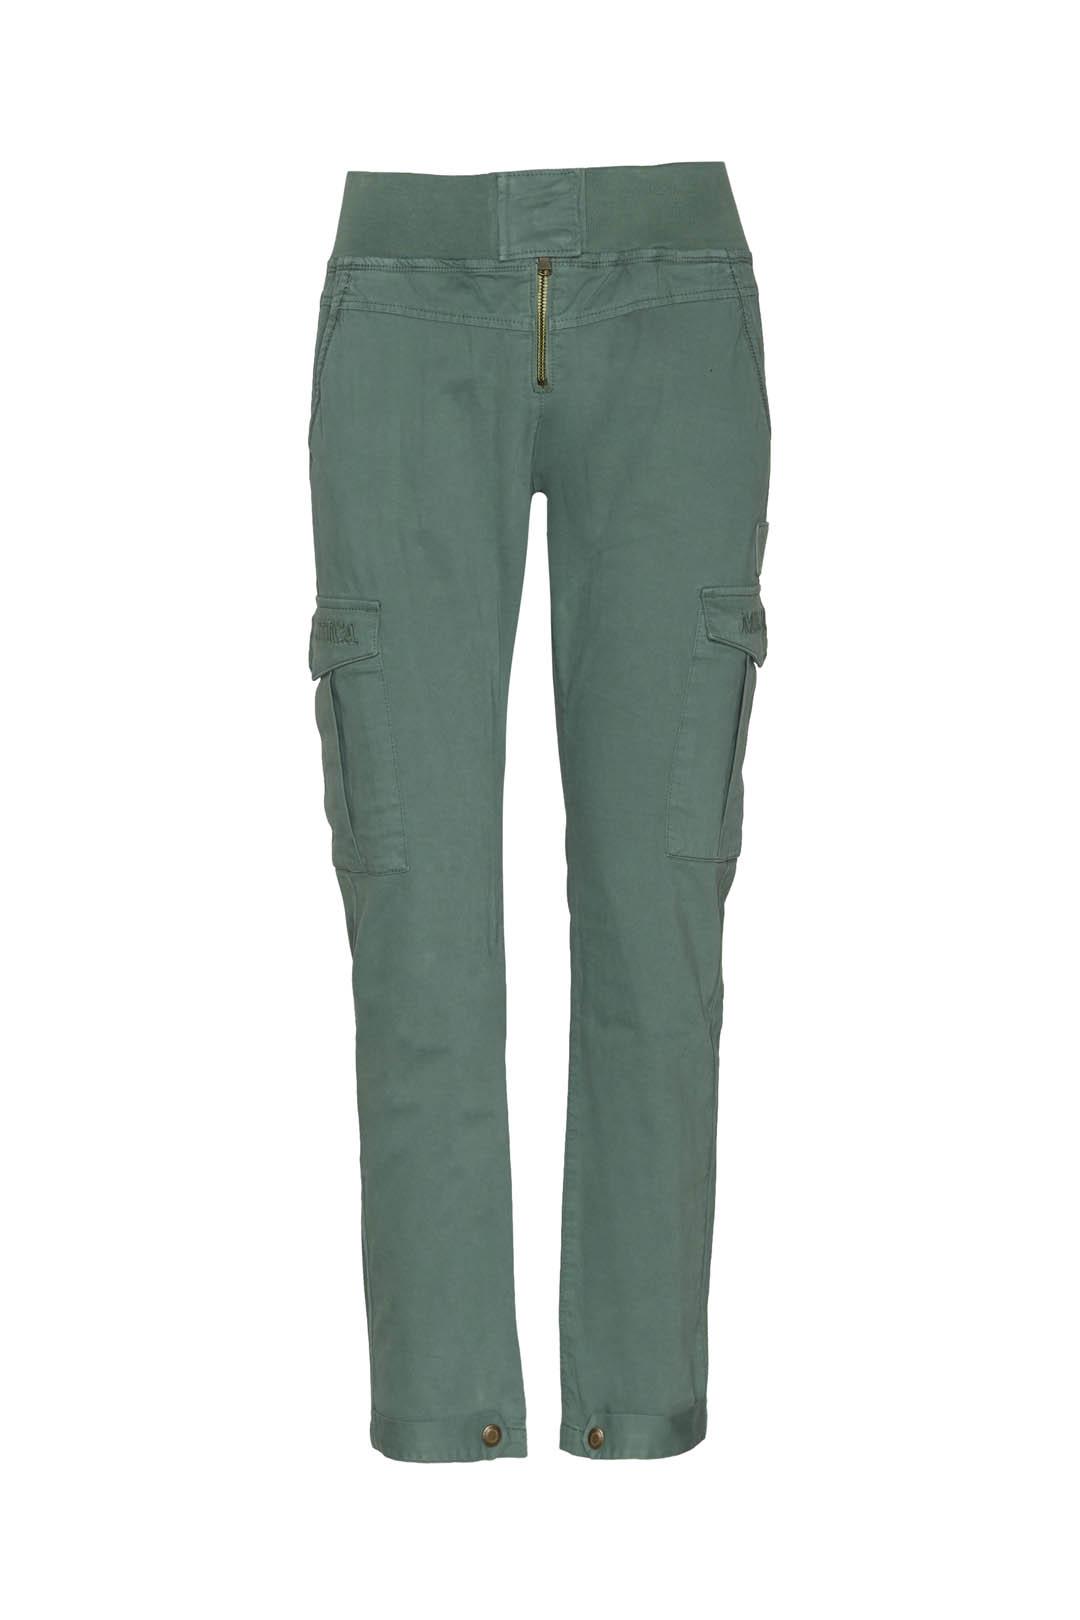 Pantalon avec bande sur la taille        1